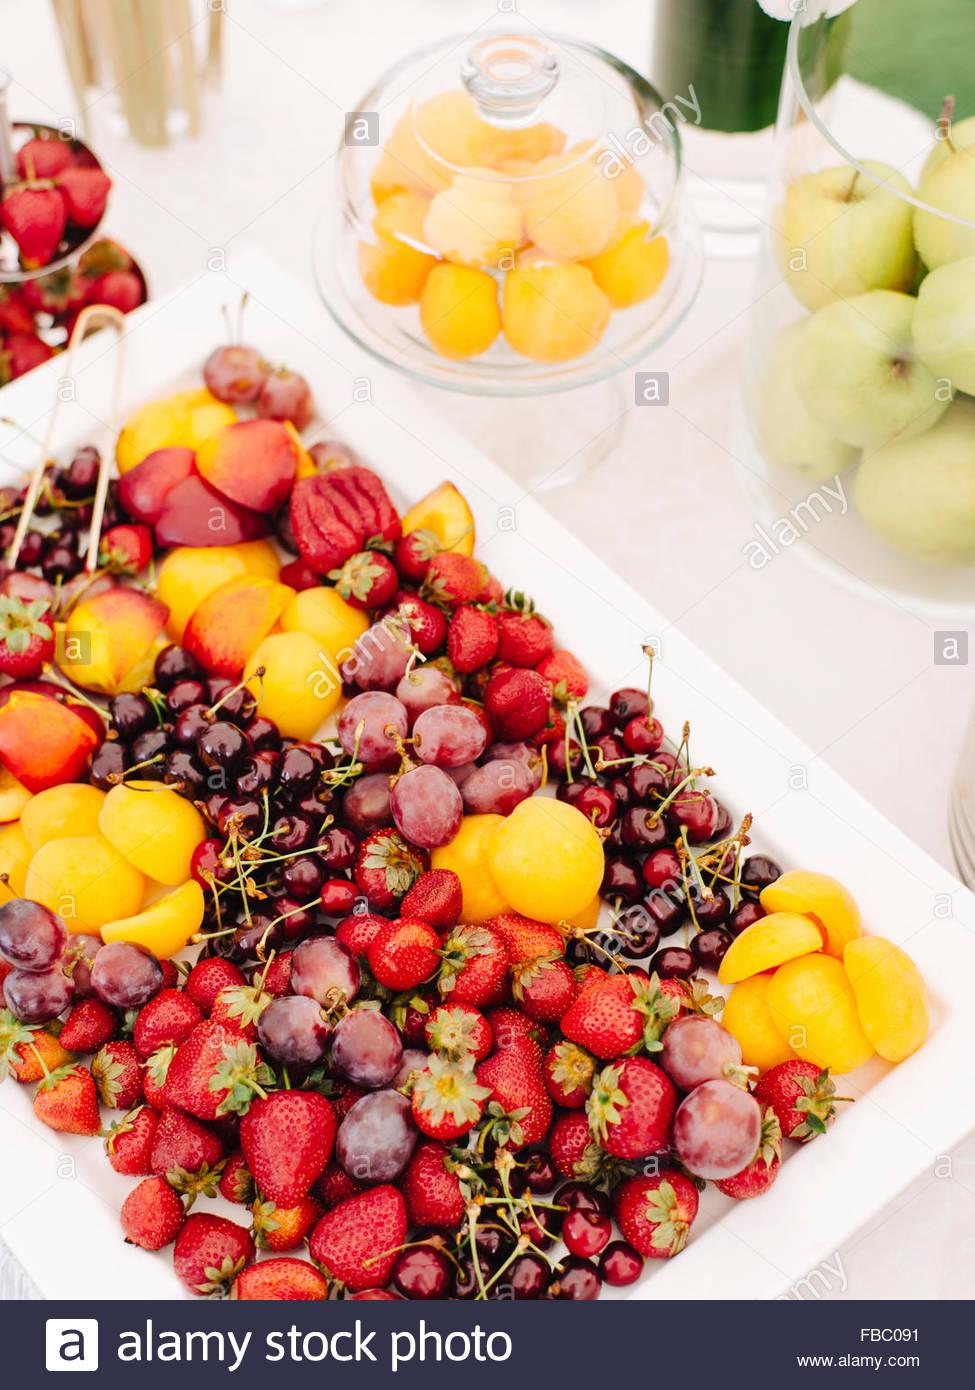 Placa blanca con frutas y bayas en la tabla exterior Imagen De Stock